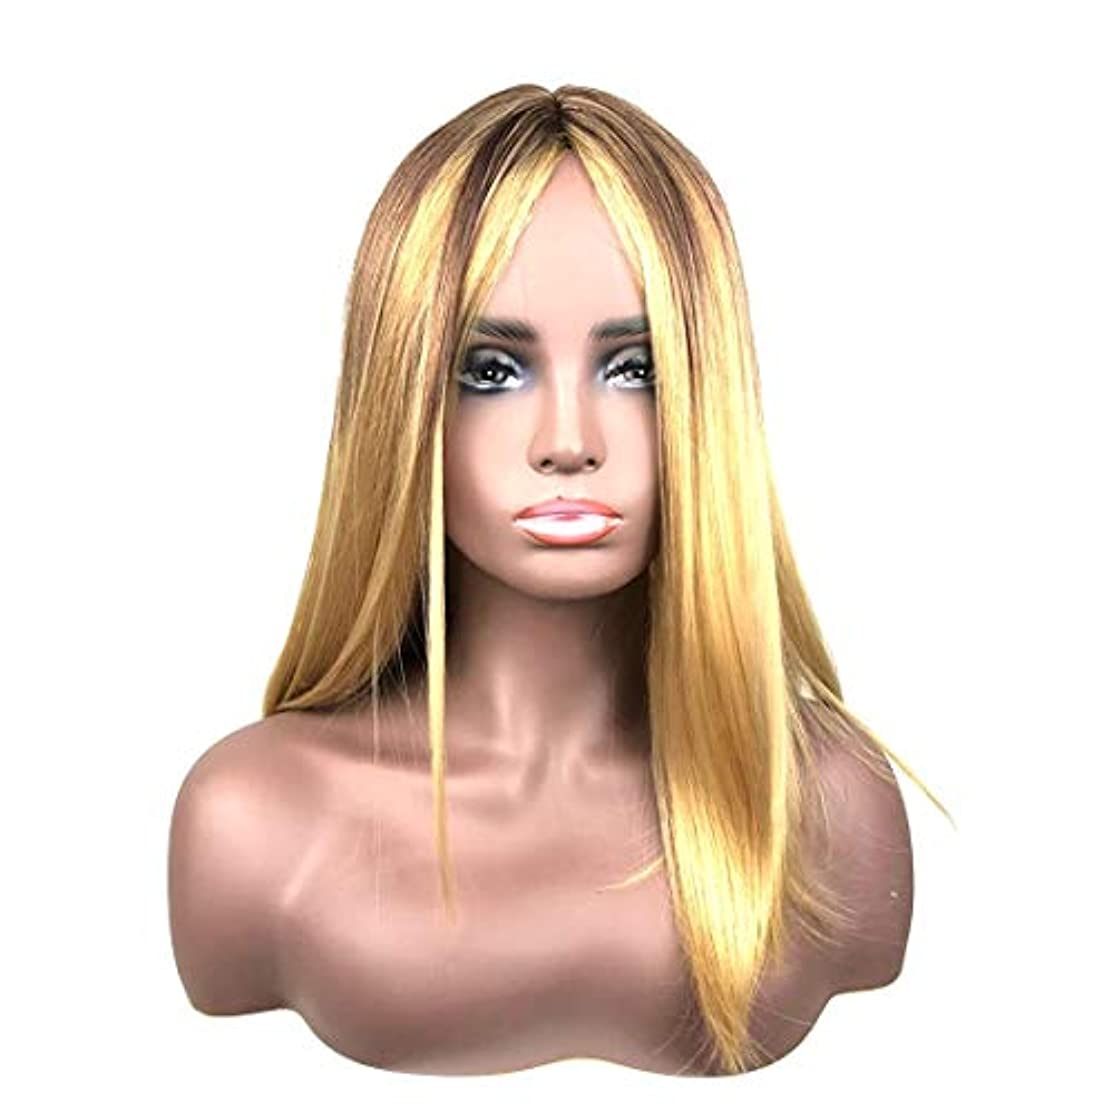 ドキドキニュージーランド暫定のKerwinner 前髪合成耐熱性女性のヘアスタイルと短いふわふわボブ変態ストレートヘアウィッグ